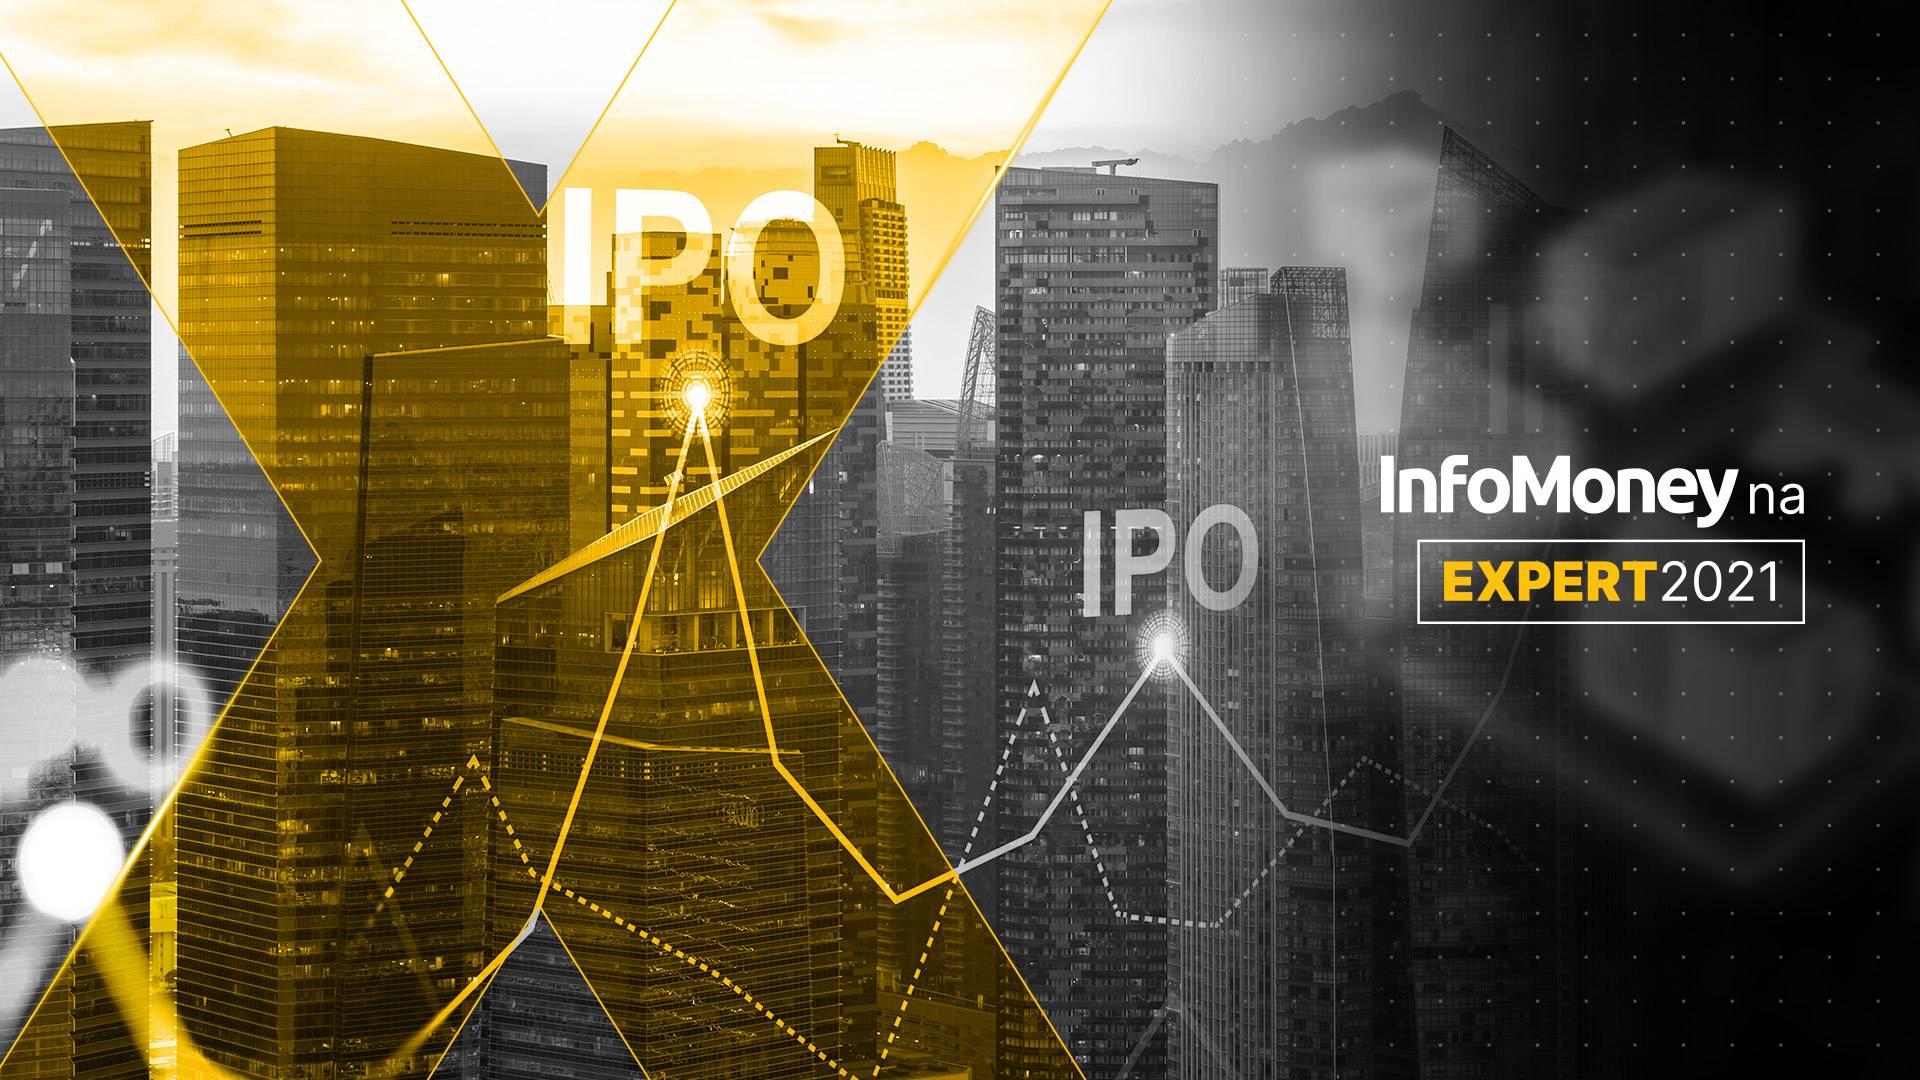 empresas-brasileiras-abrem-menos-capital-nos-eua-diz-executivo-da-nasdaq